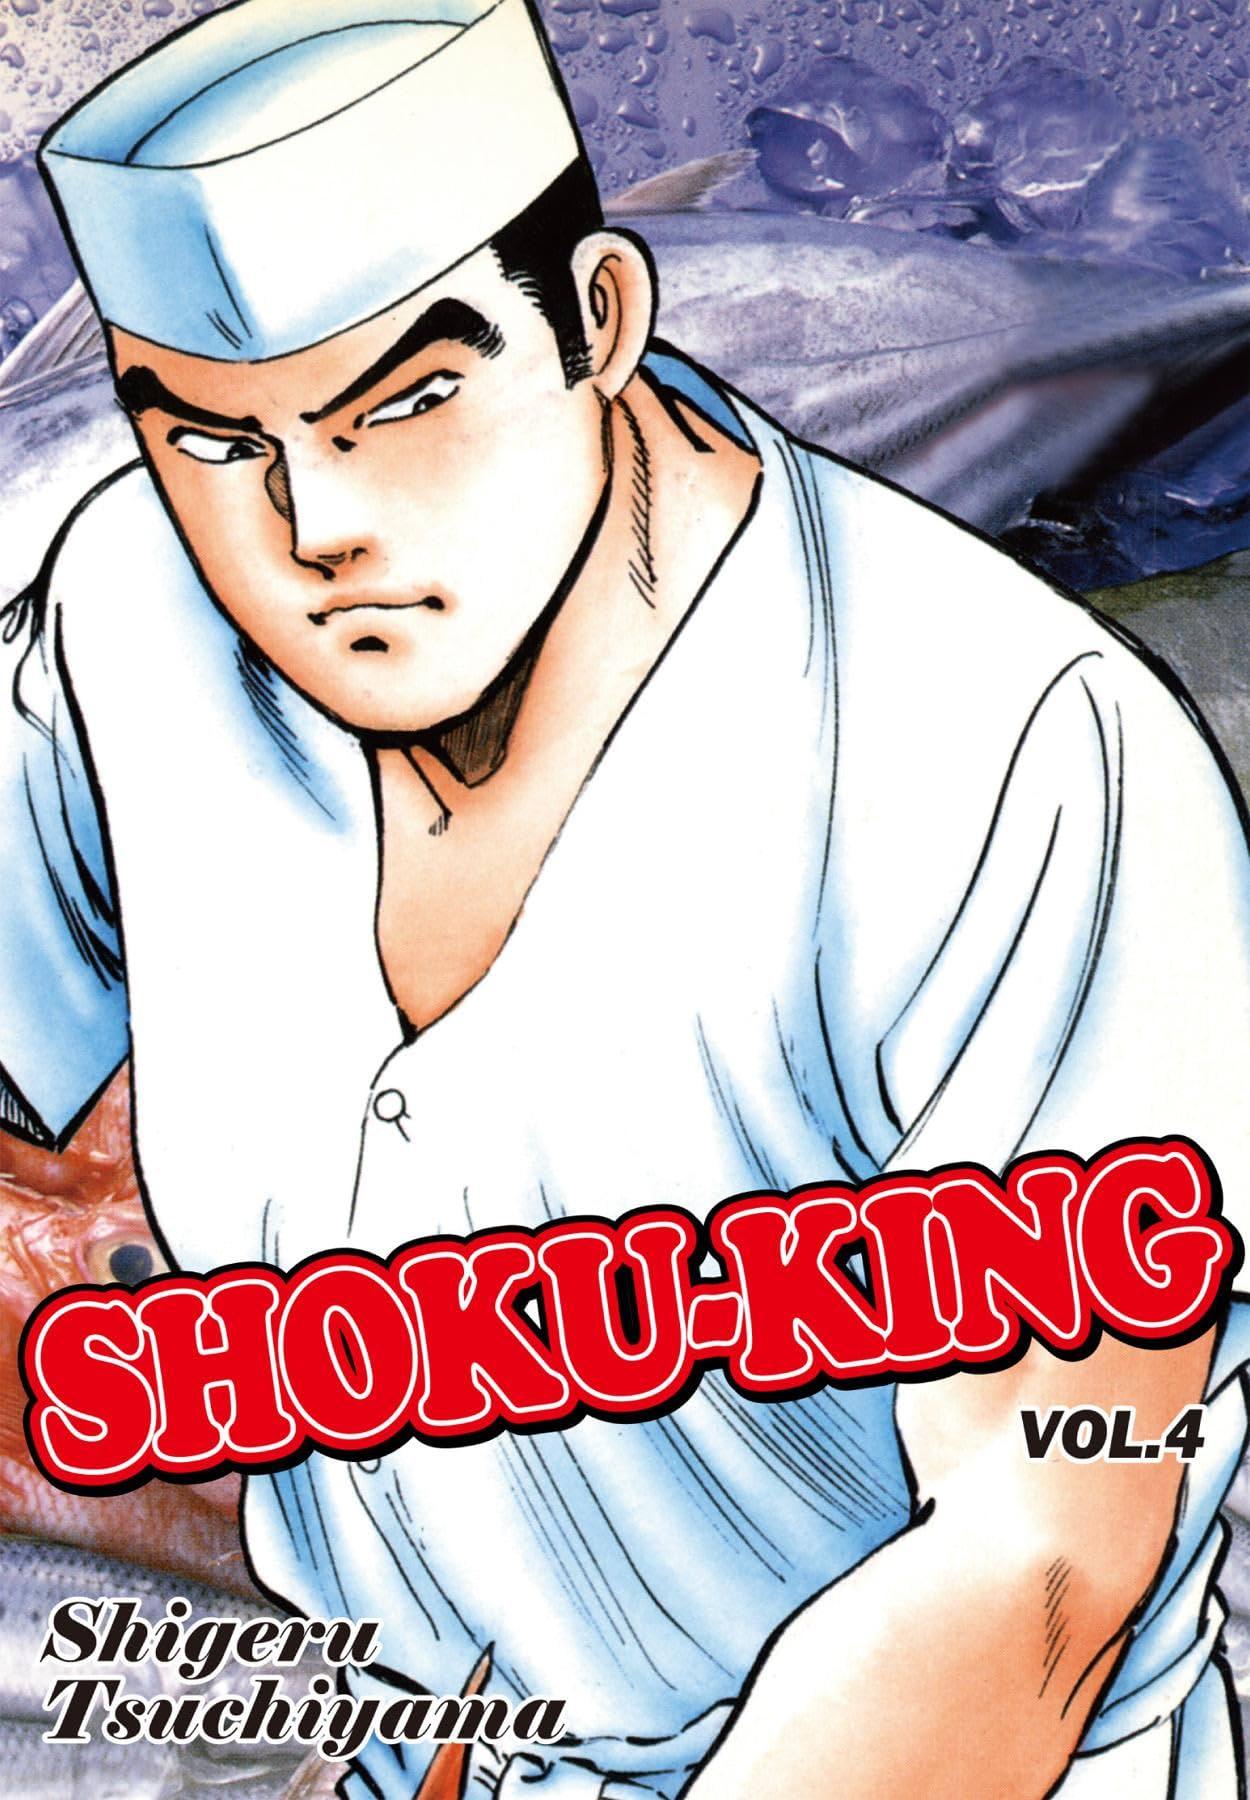 SHOKU-KING Vol. 4